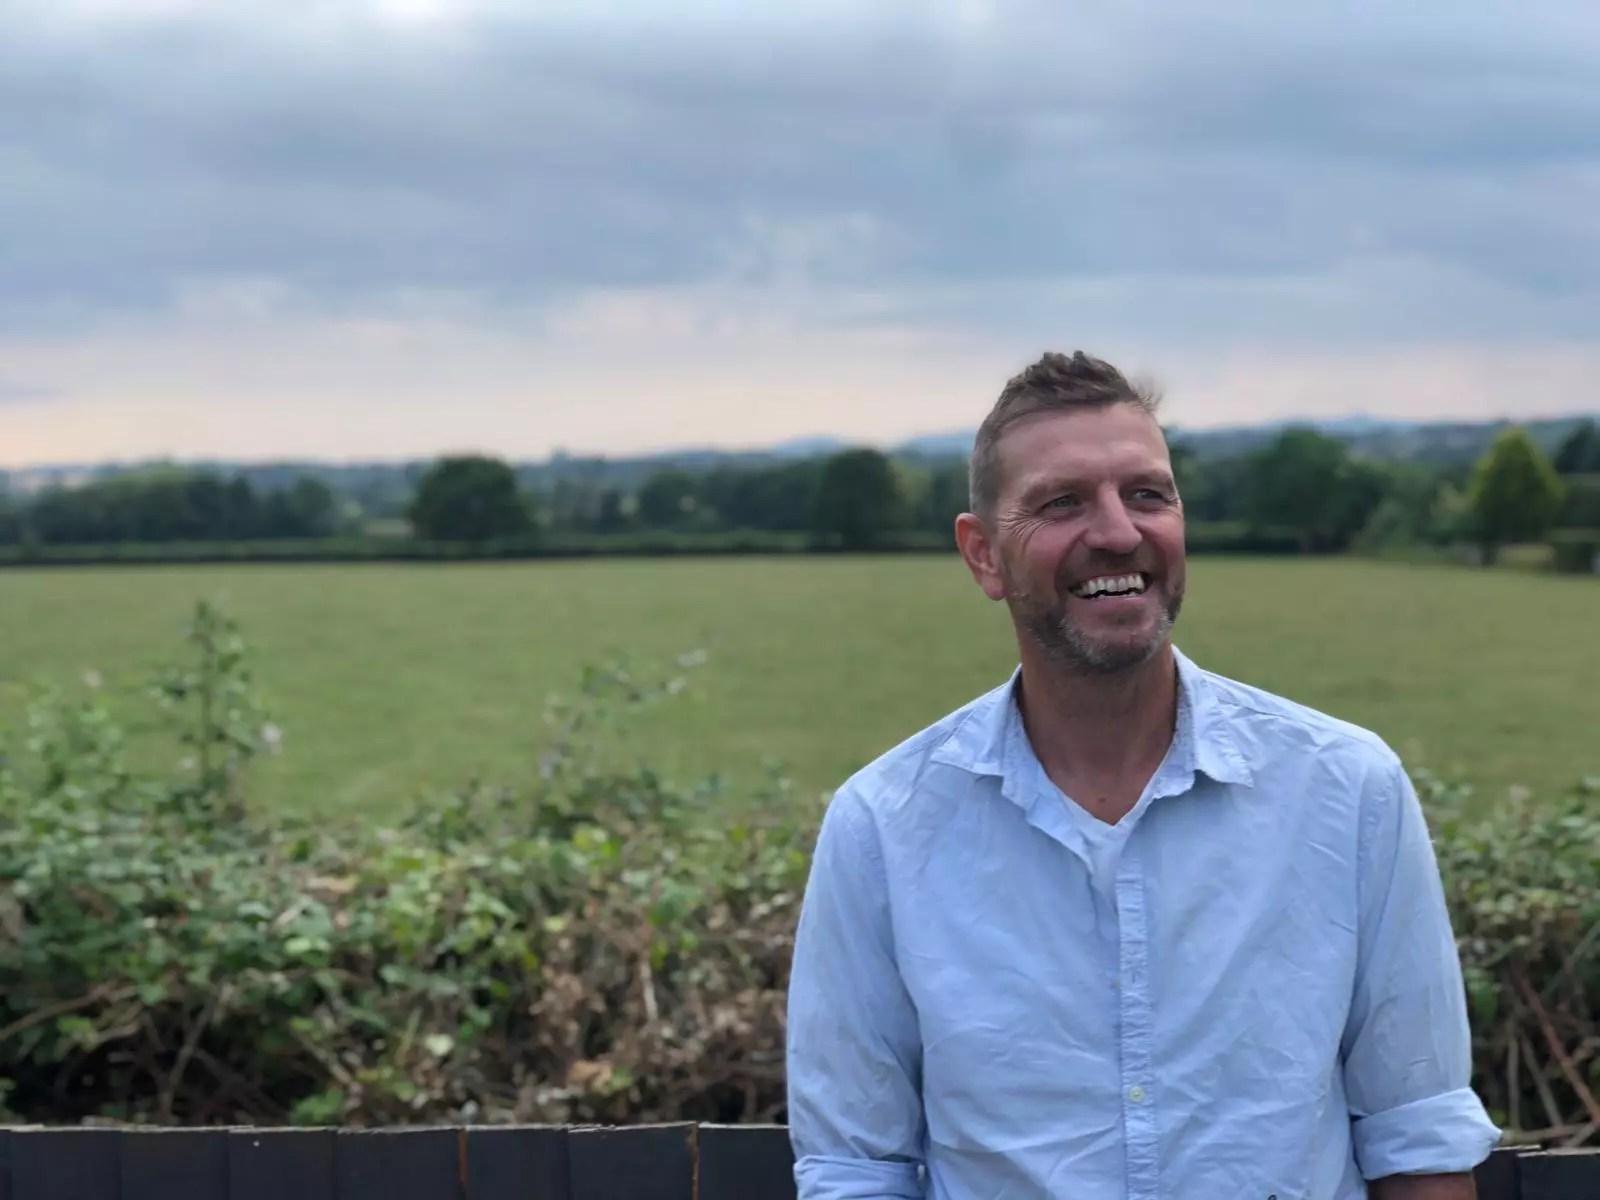 Lee Sharpe en un campo en el España como director de Pure Organic CBD